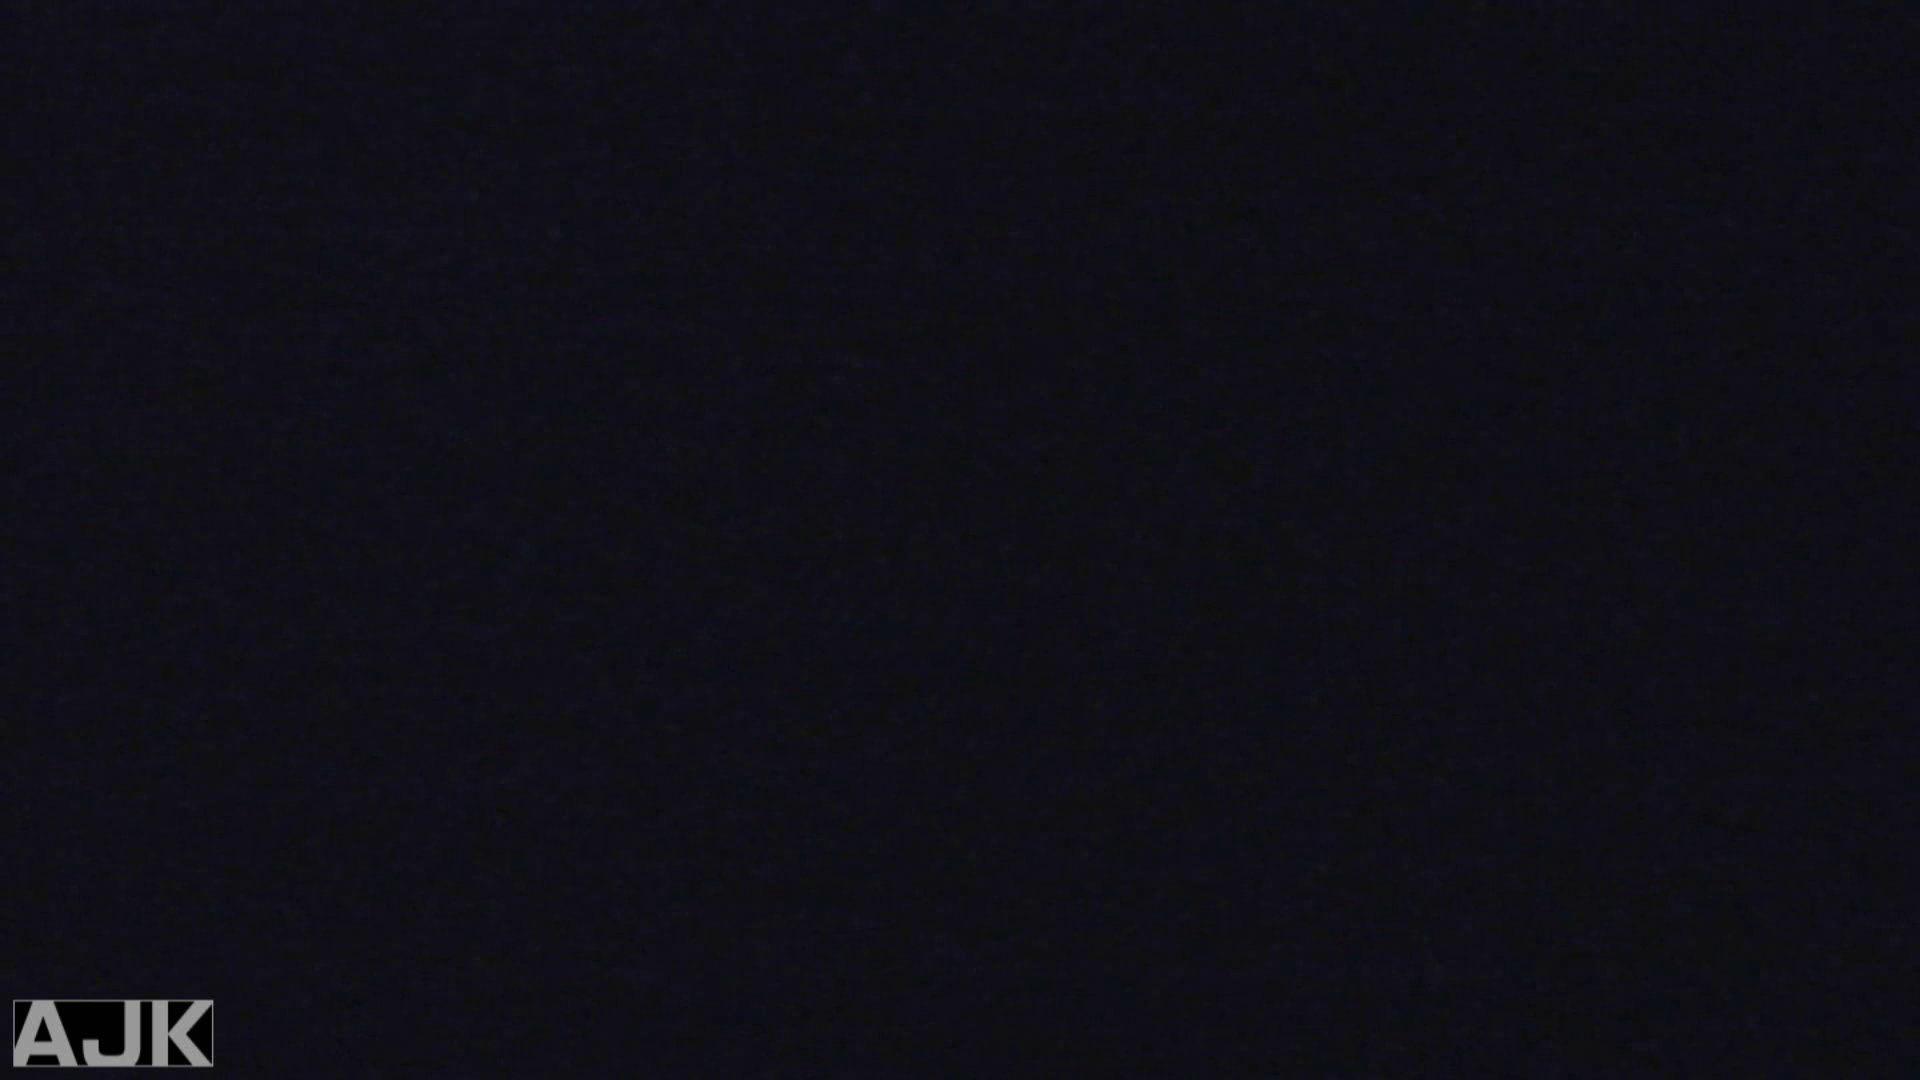 神降臨!史上最強の潜入かわや! vol.22 肛門編 戯れ無修正画像 112PIX 41